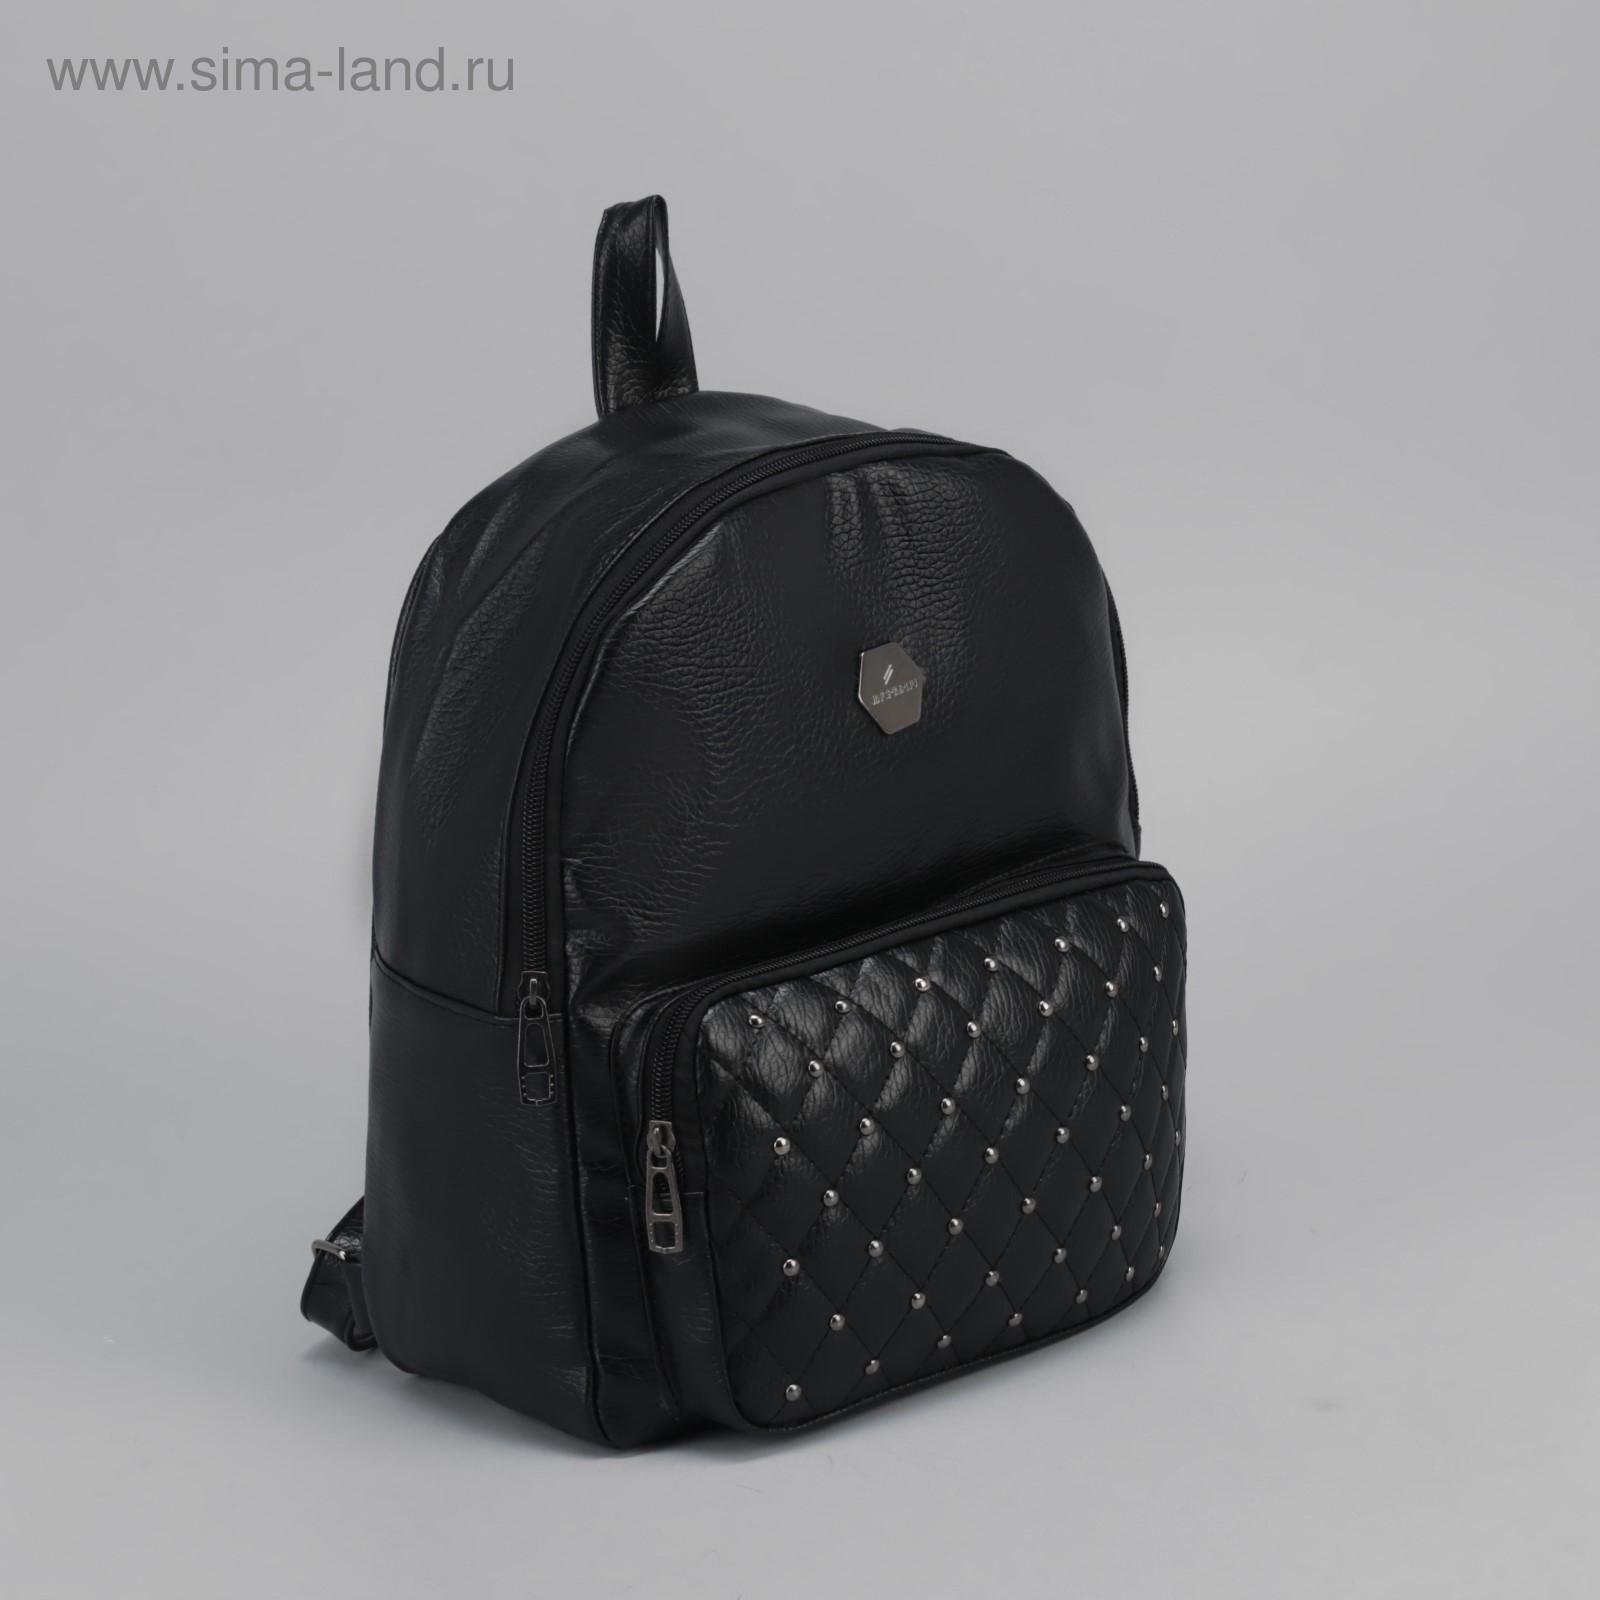 f289364e4e24 Рюкзак молодёжный, отдел на молнии, наружный карман, цвет чёрный ...